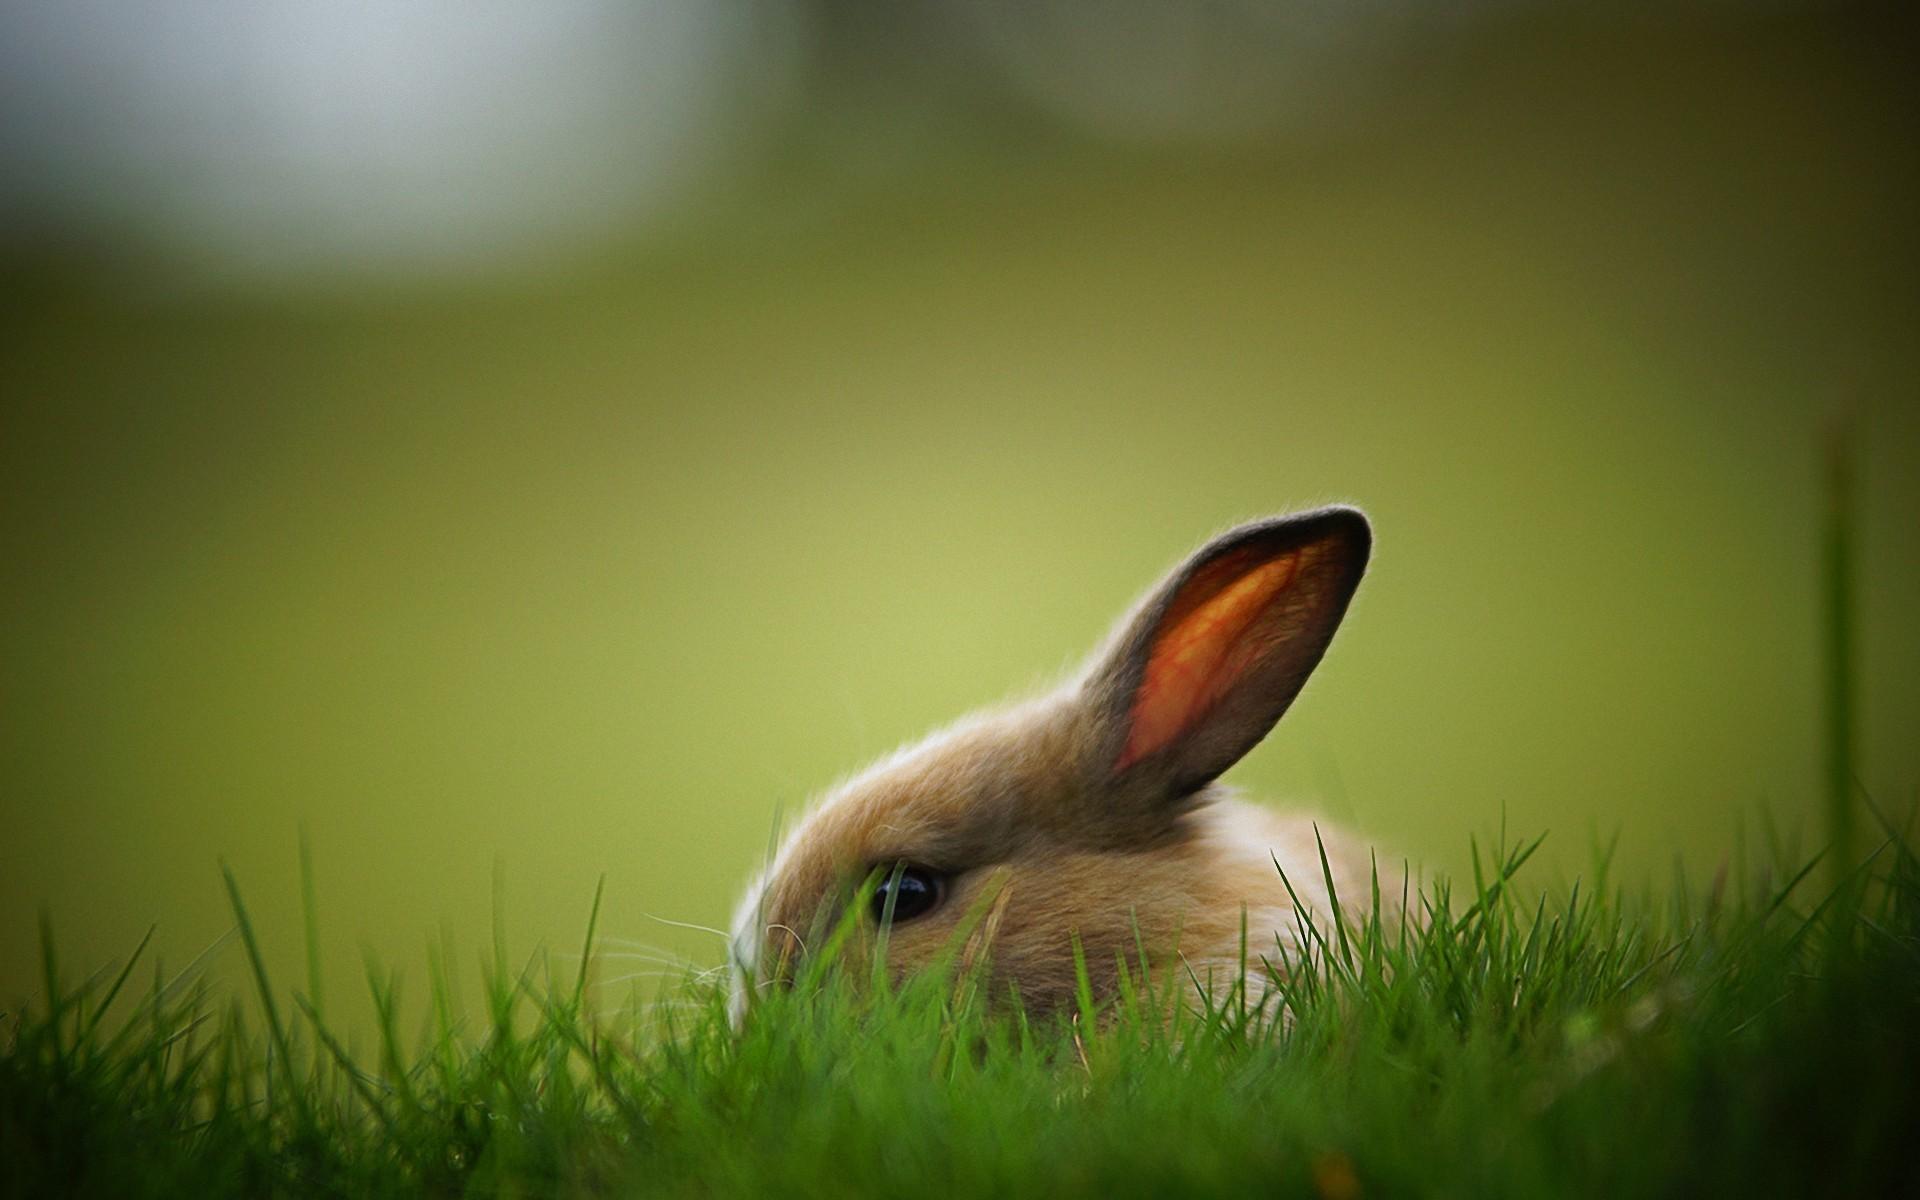 Wallpapers ⇒ Animals ⇒ Rabbit Wallpaper